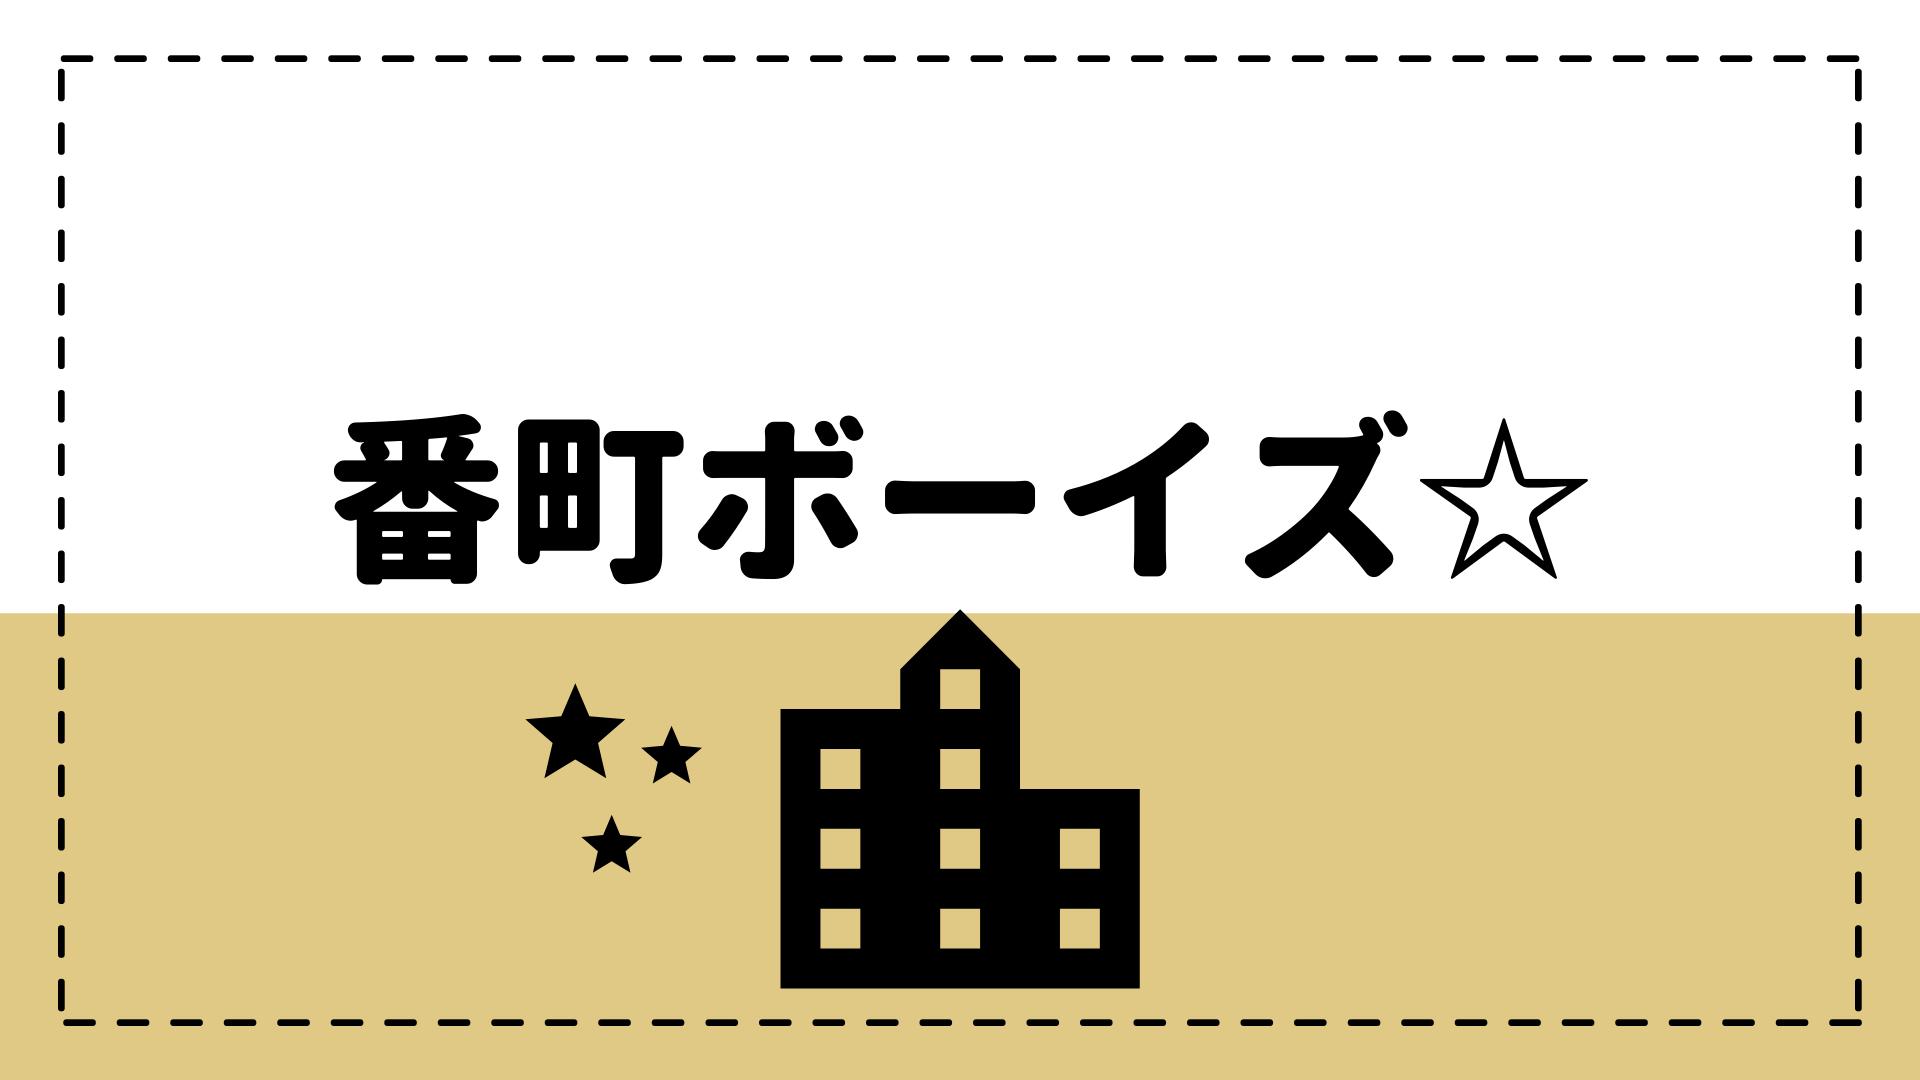 番町ボーイズのメンバーwikiプロフィール|番町ボーイズ☆